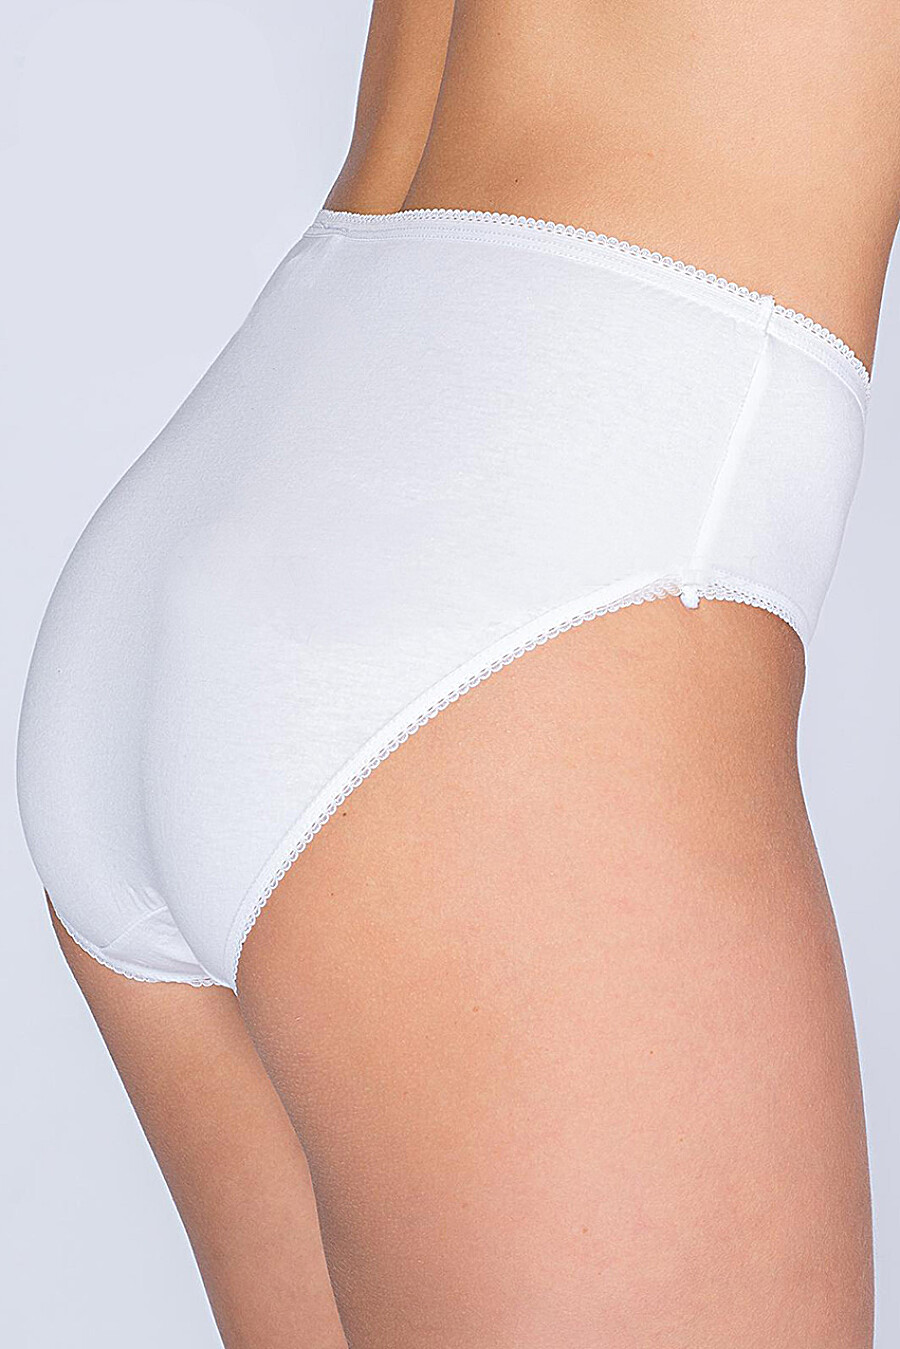 Трусы для женщин MINIMI 272789 купить оптом от производителя. Совместная покупка женской одежды в OptMoyo